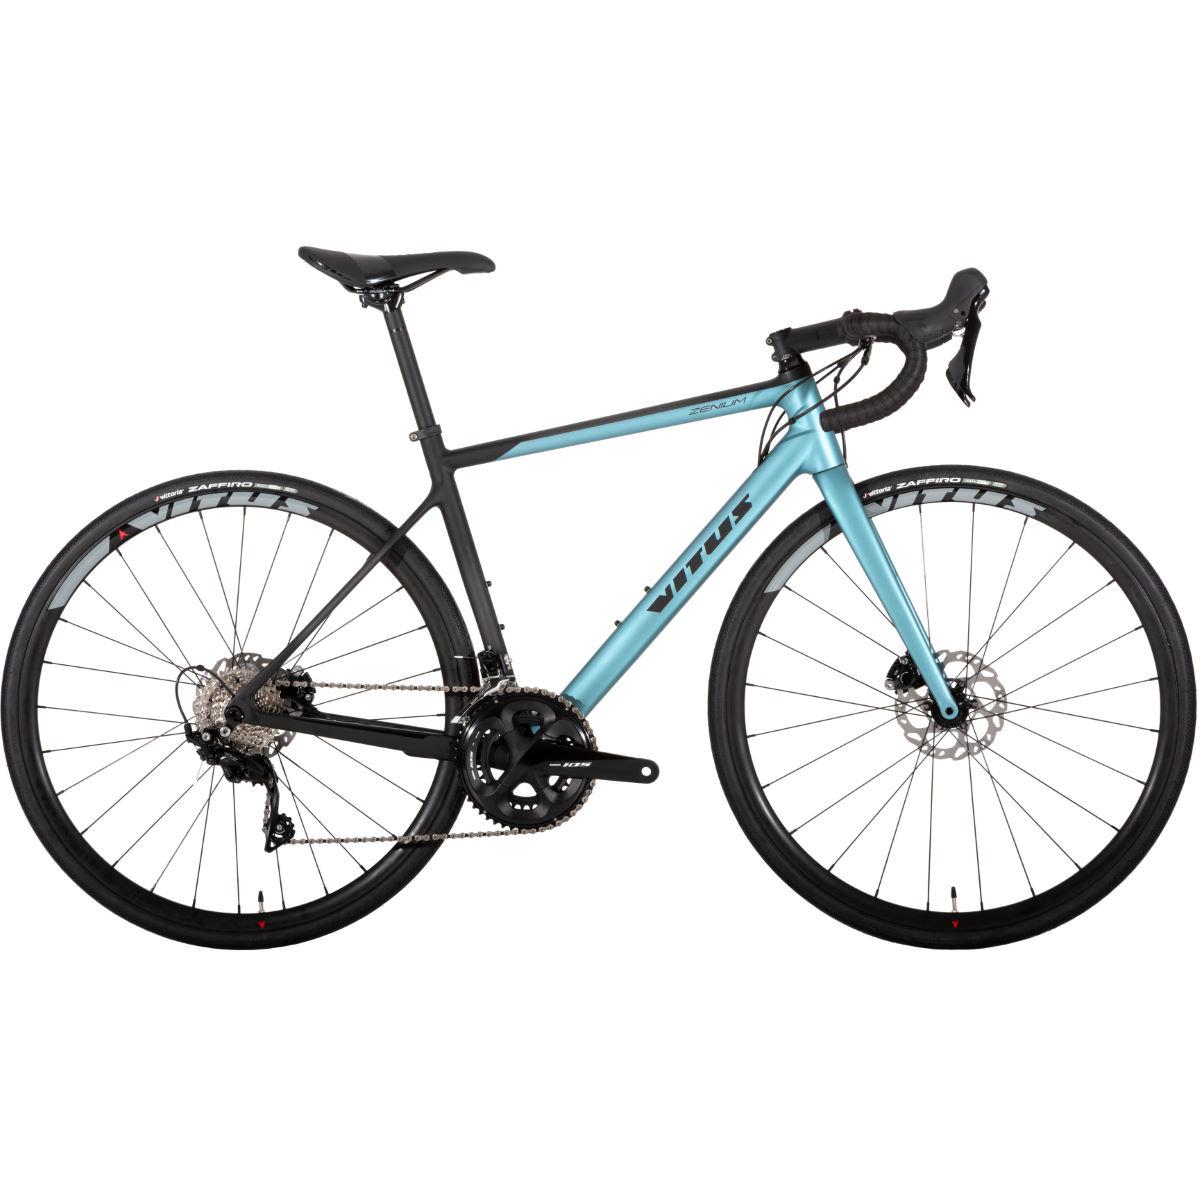 Vitus Zenium CR Carbon Disc 105 2019 Bikes